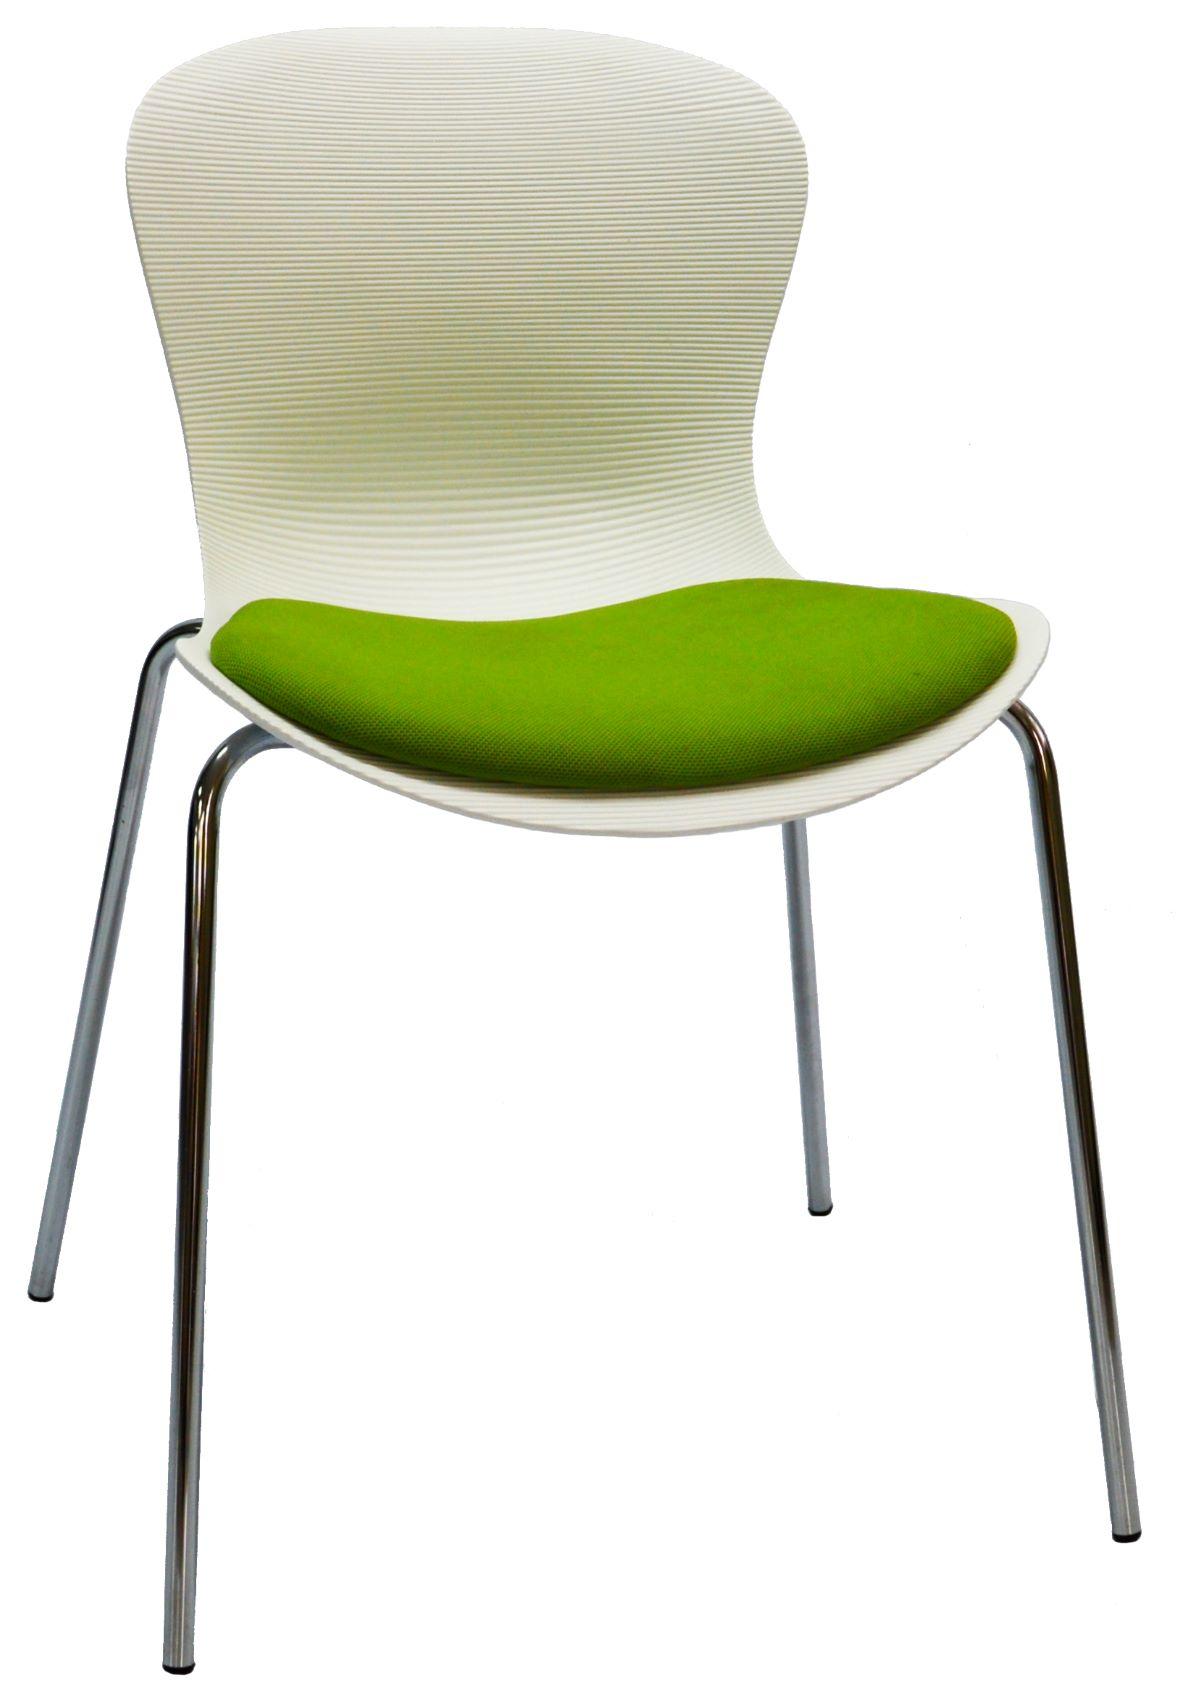 GS1401-綠墊